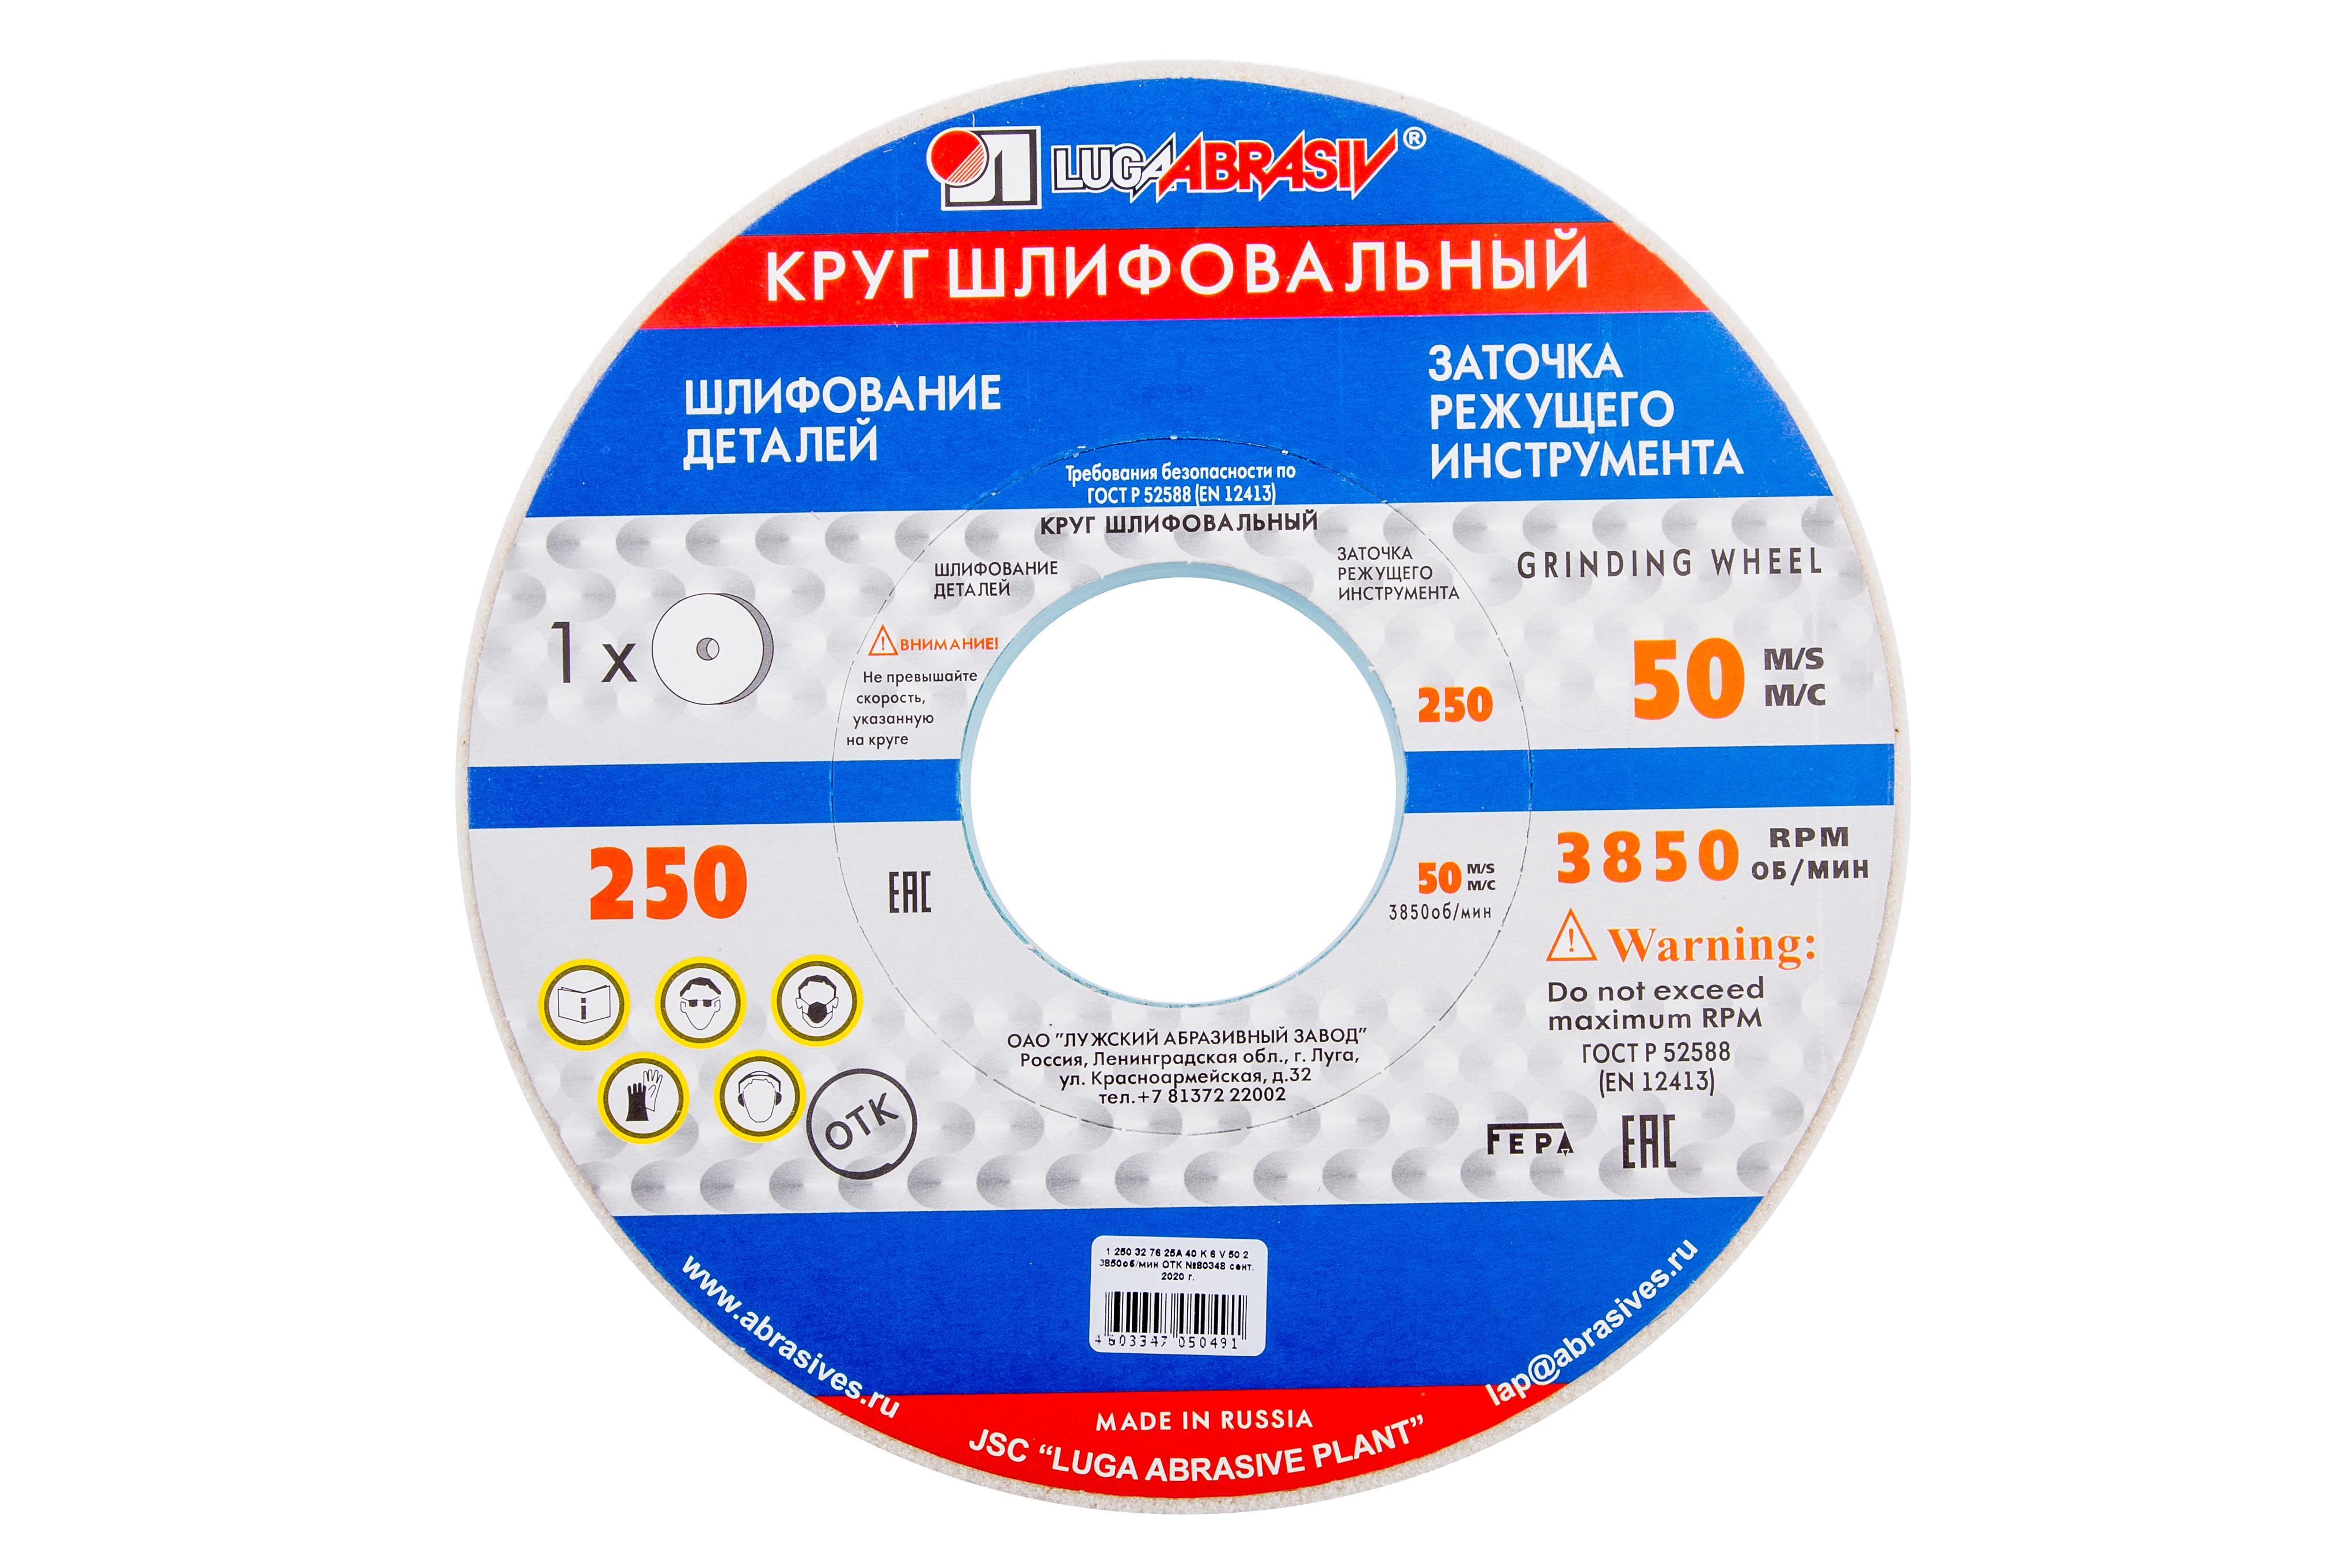 Круг шлифовальный ЛУГА-АБРАЗИВ 1 250 Х 32 Х 76 25А 40 k,l круг шлифовальный луга абразив 1 250 х 20 х 32 25а 40 k l